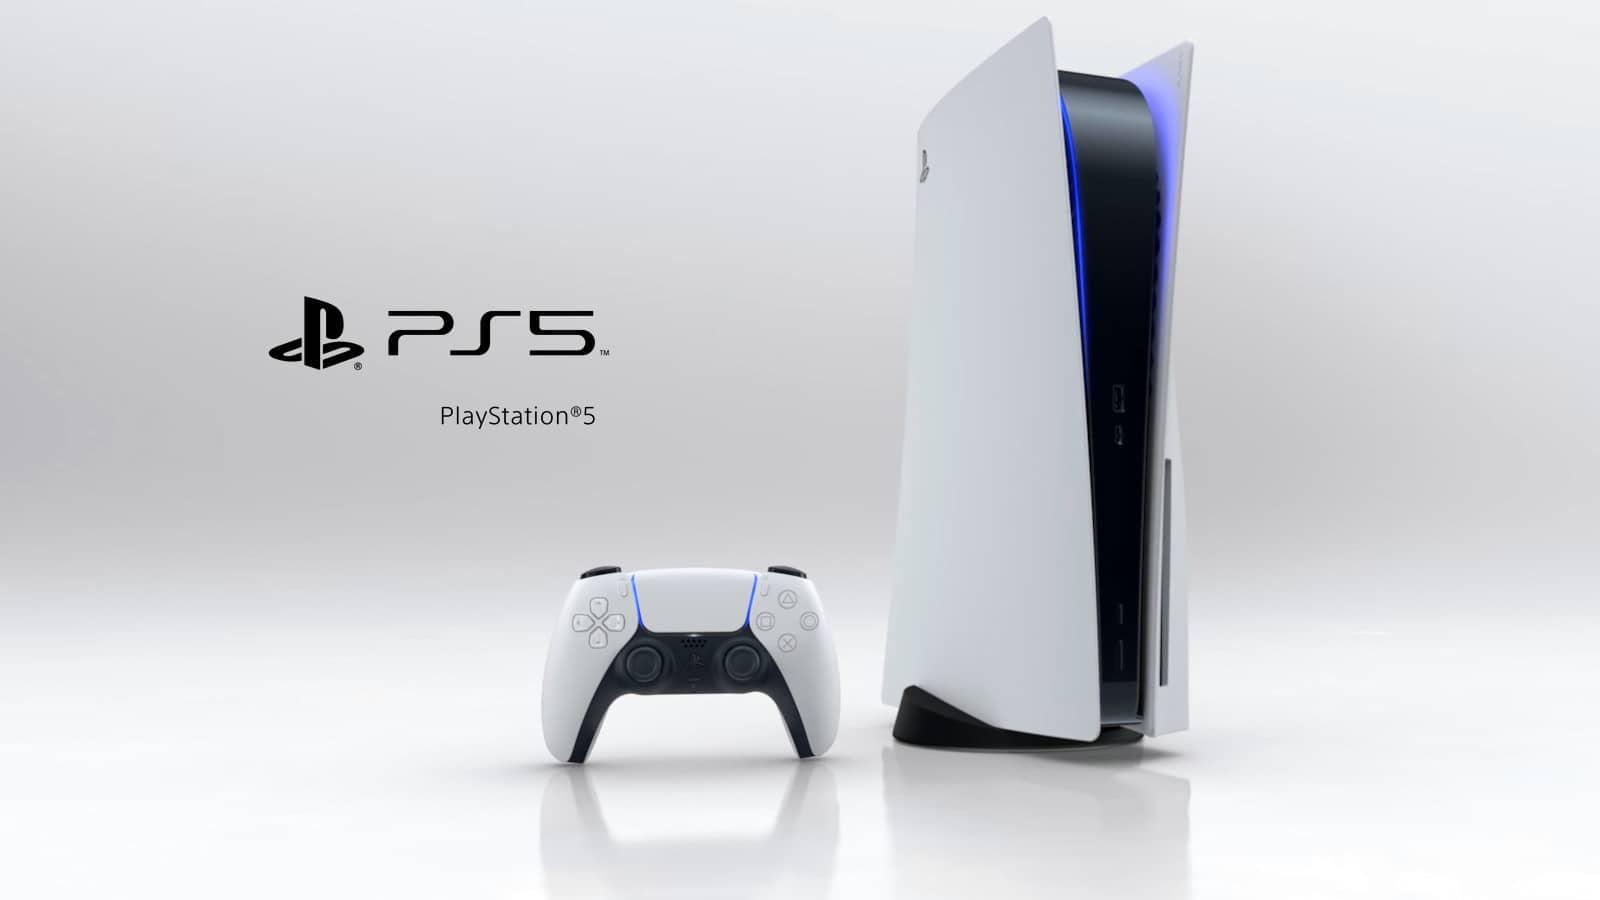 Thiết kế của PS5